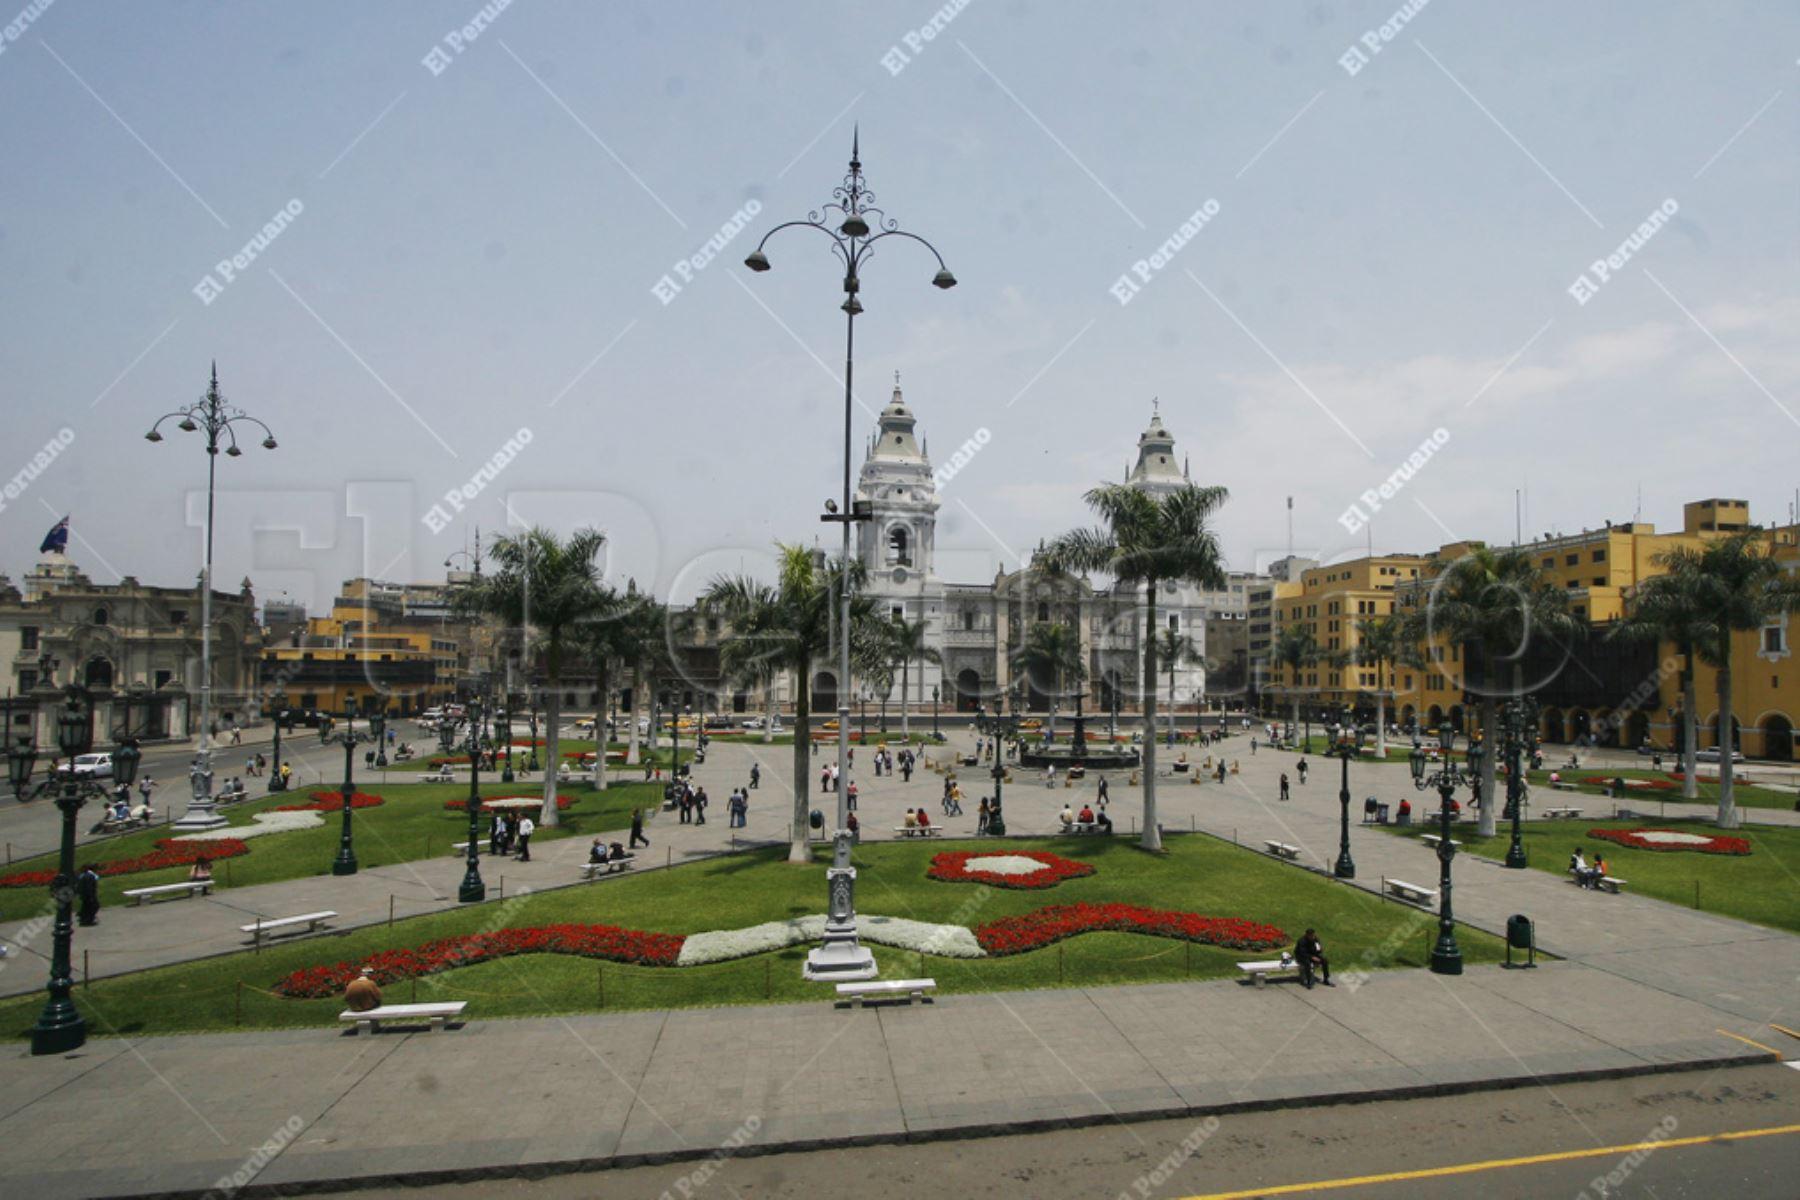 Lima - 13 diciembre 2008 / Vista panoramica de la Plaza de Armas de Lima. Foto: Archivo El Peruano